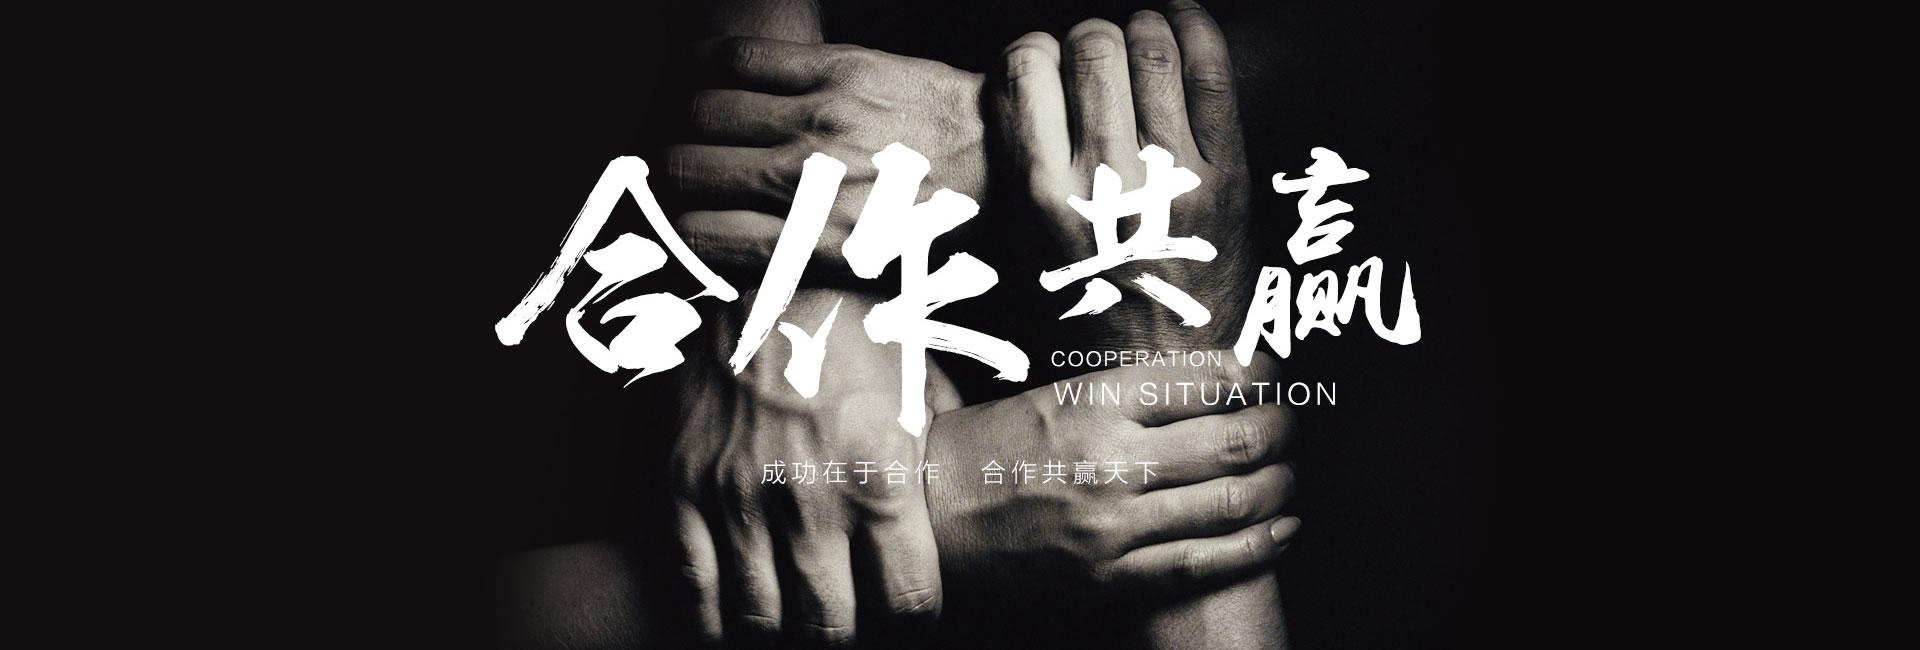 团结互赢成功在于合作